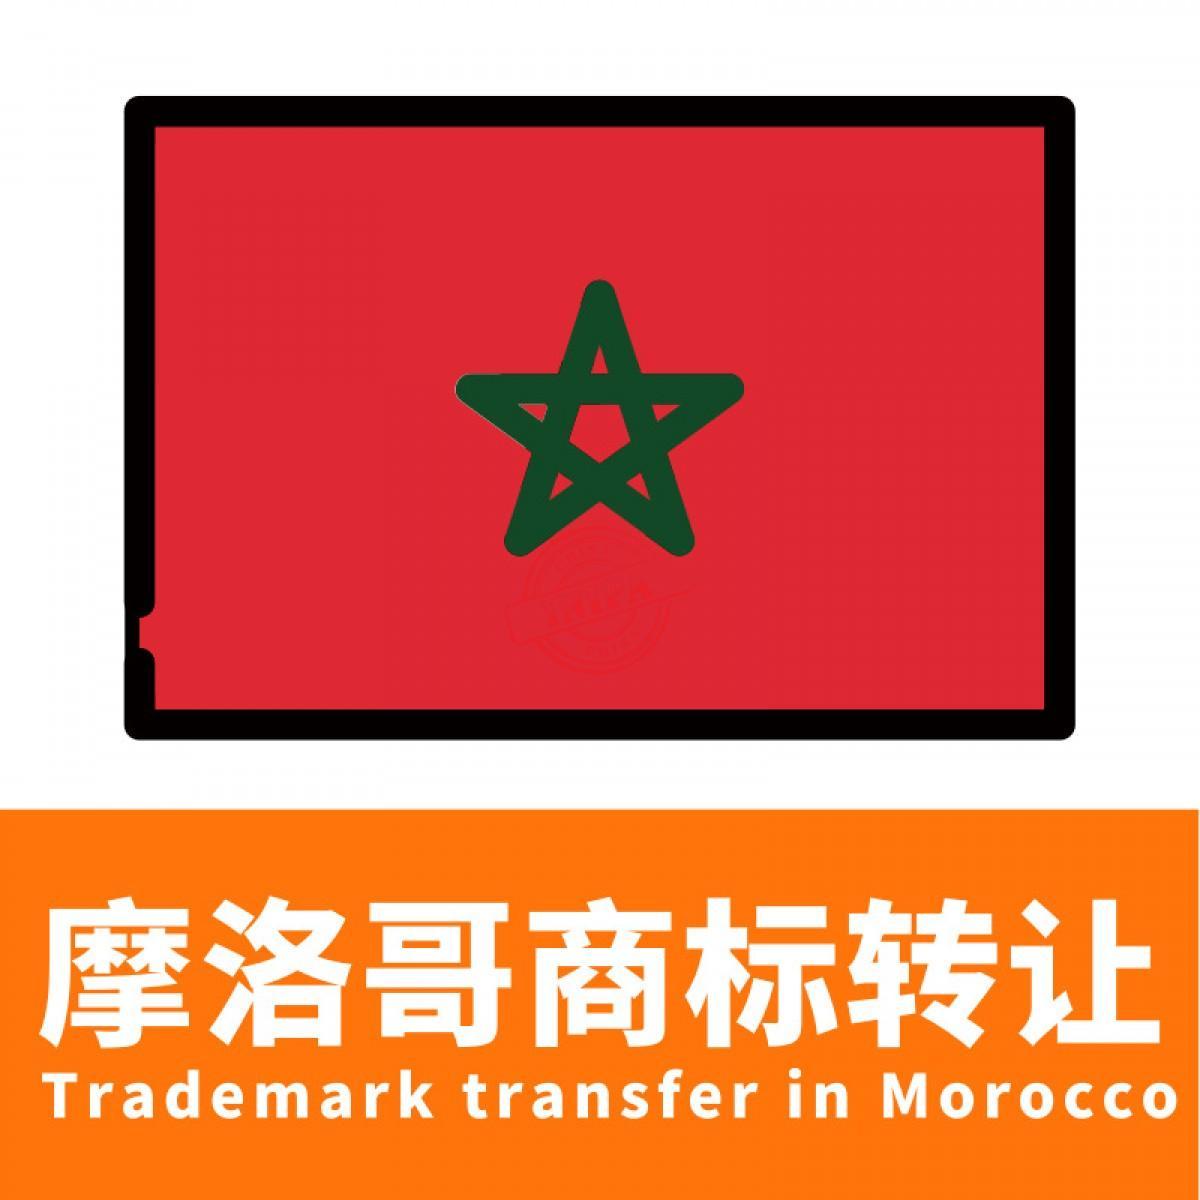 摩洛哥商标转让/Trademark transfer in Morocco